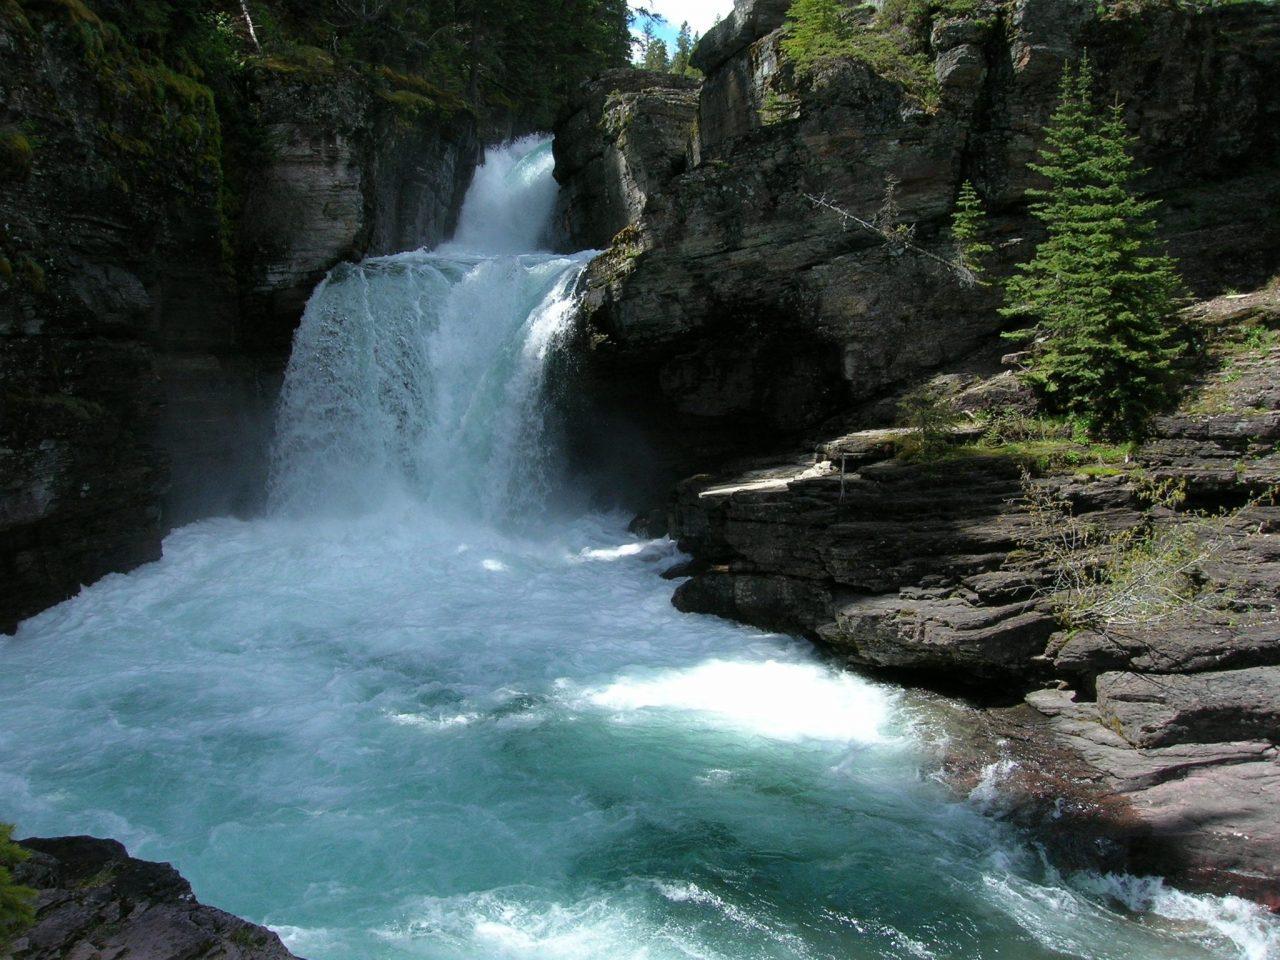 St Mary Falls Glacier National Park via Canva